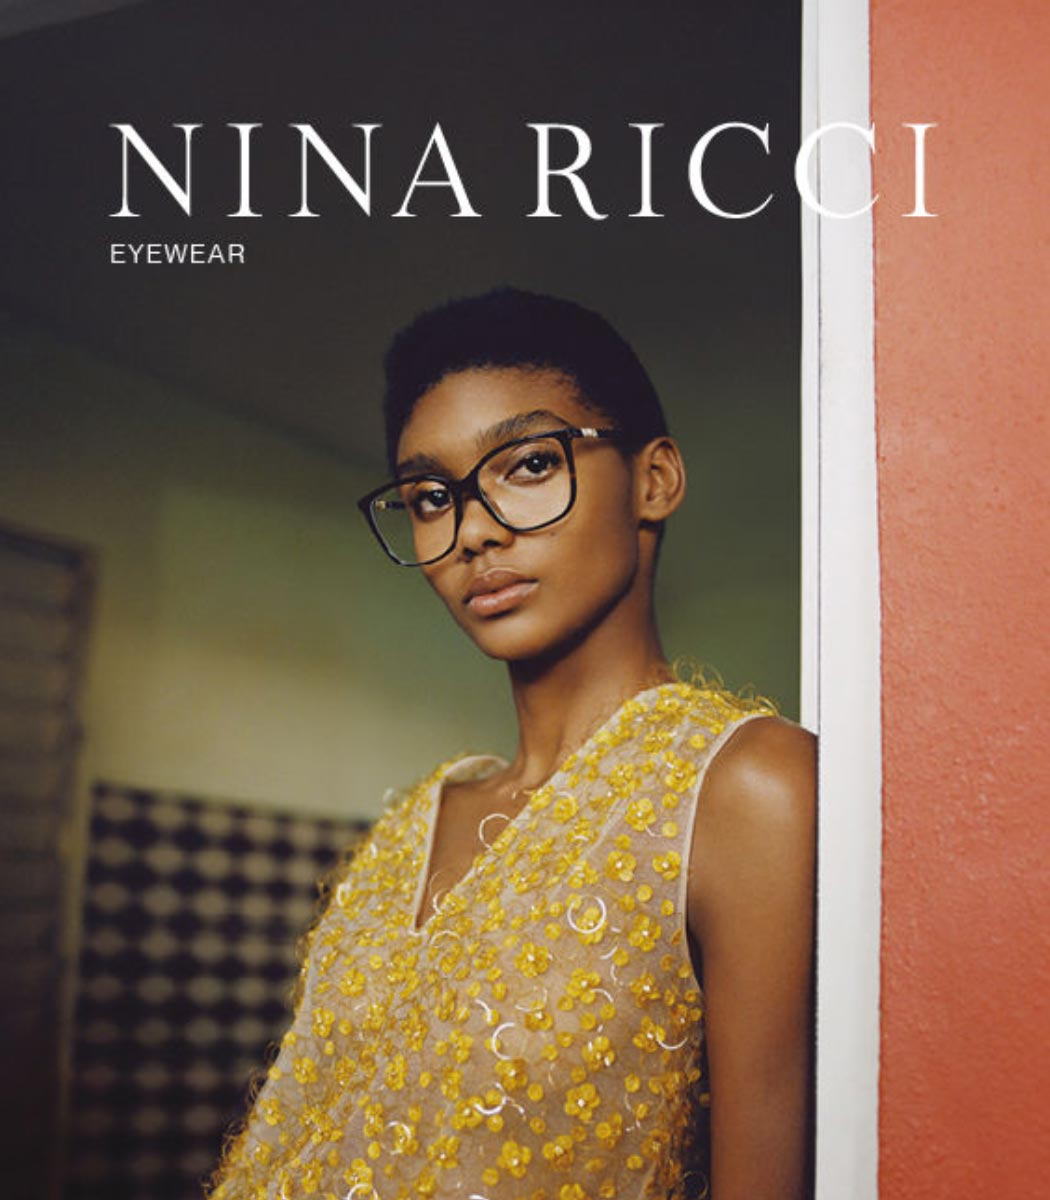 Lunettes Nina Ricci